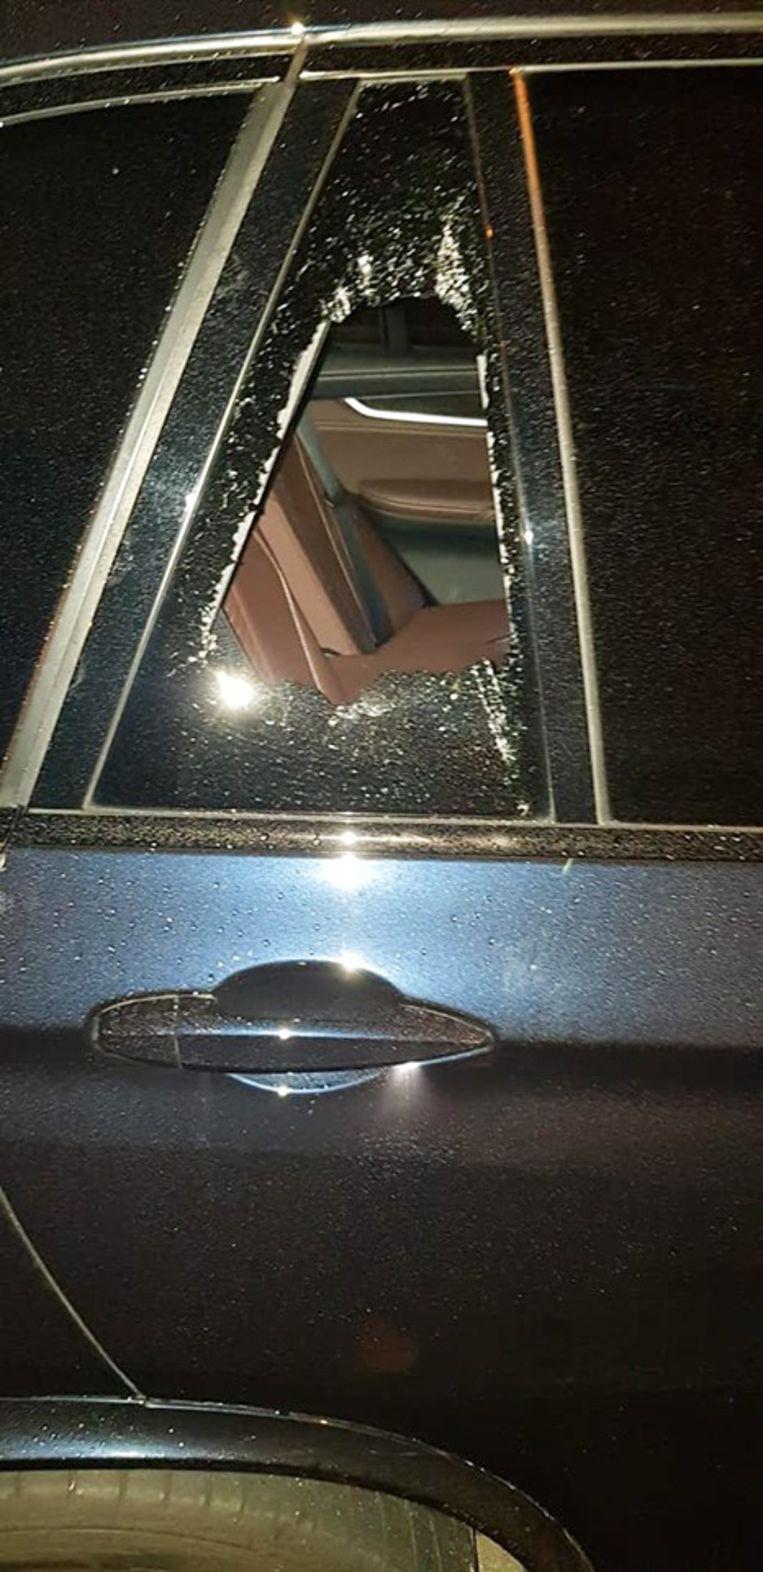 De daders sloegen een achterruitje in om het voertuig te openen.